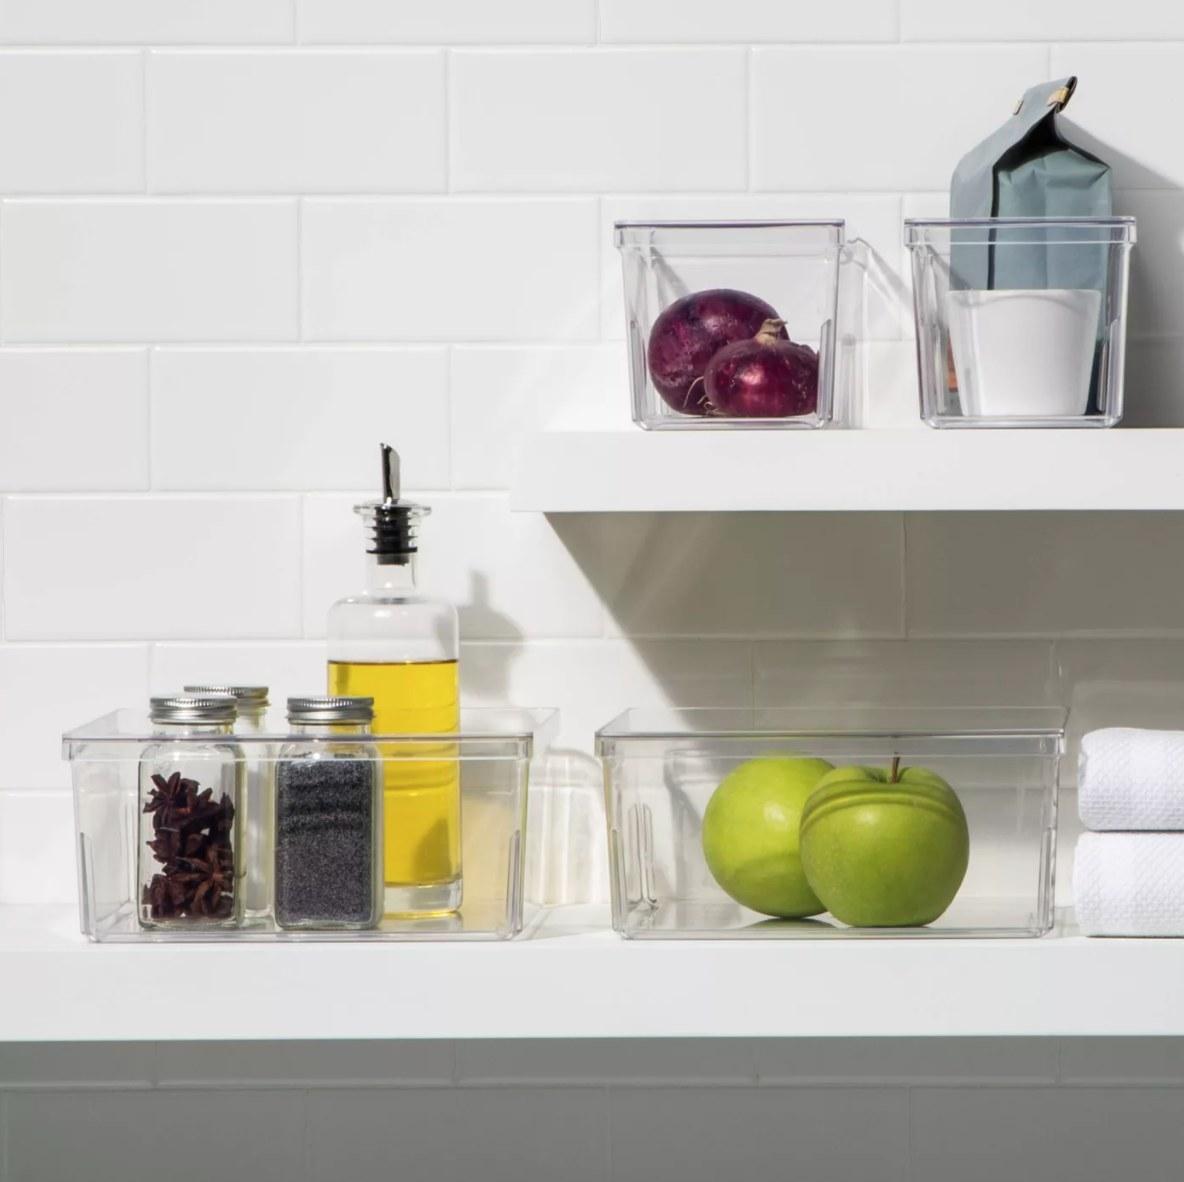 四件套冰箱储物箱设置在透明塑料